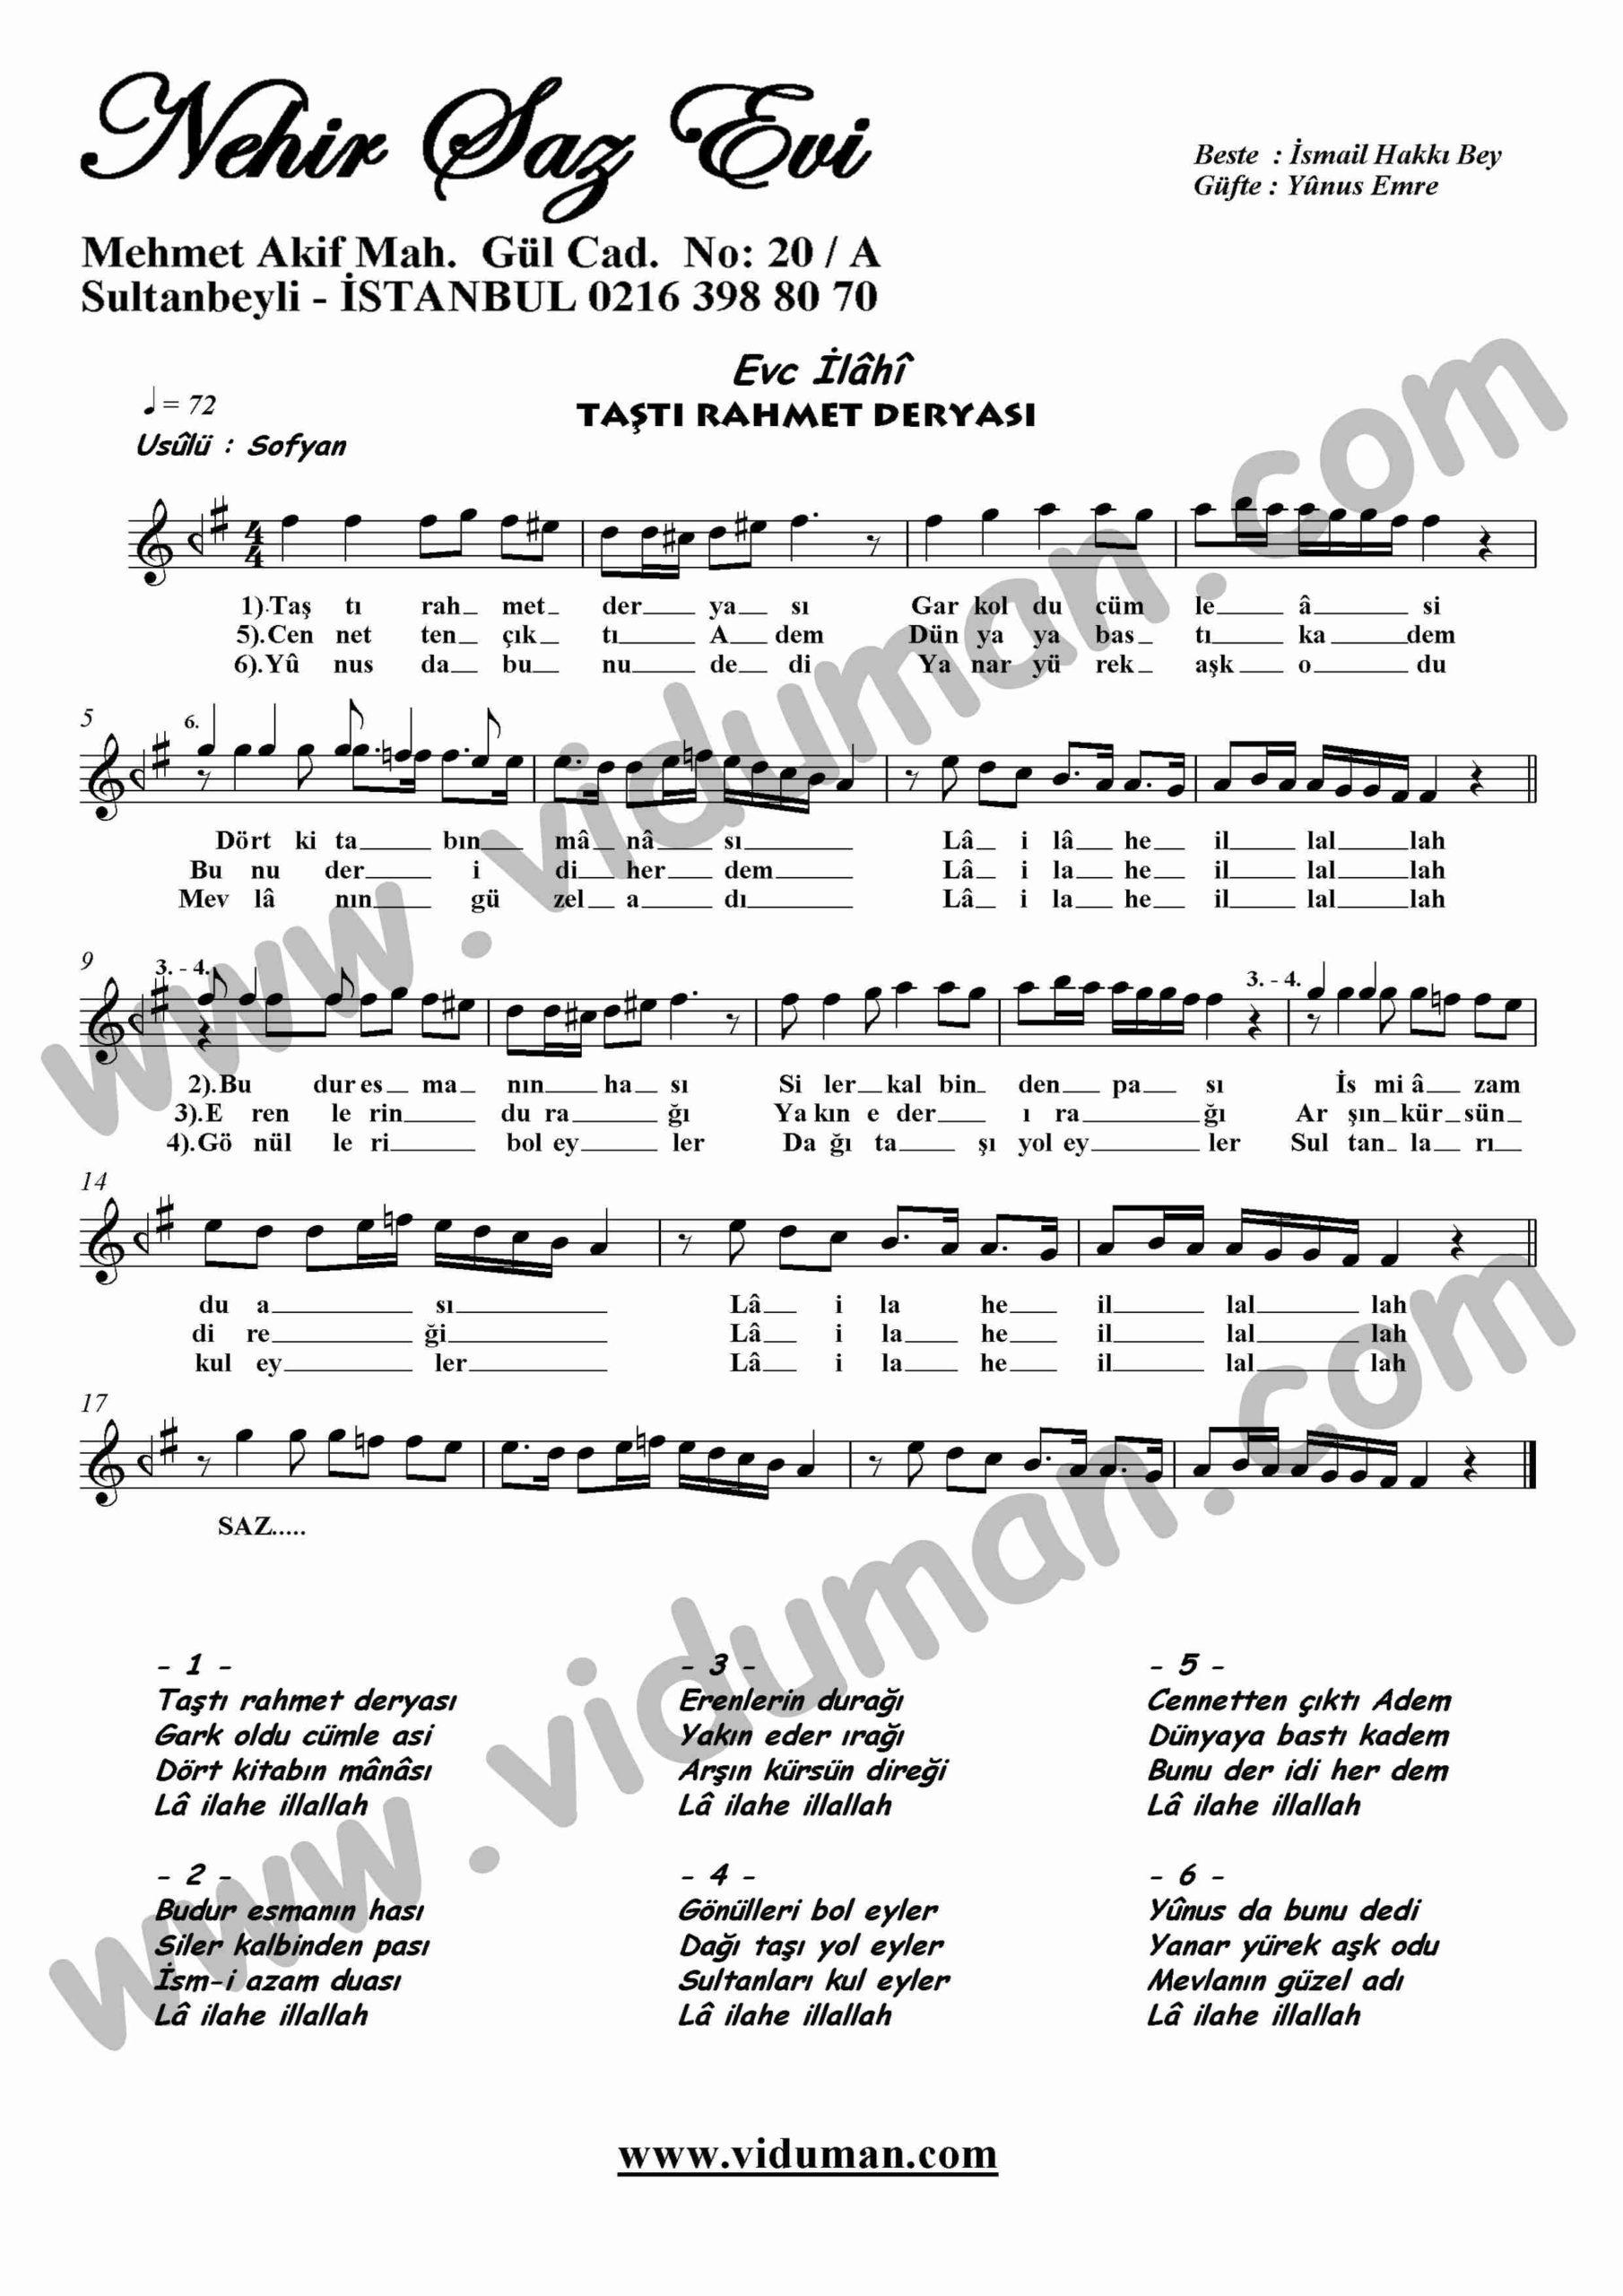 Tasti Rahmet Deryasi-Ney-Ilahi-Notalari